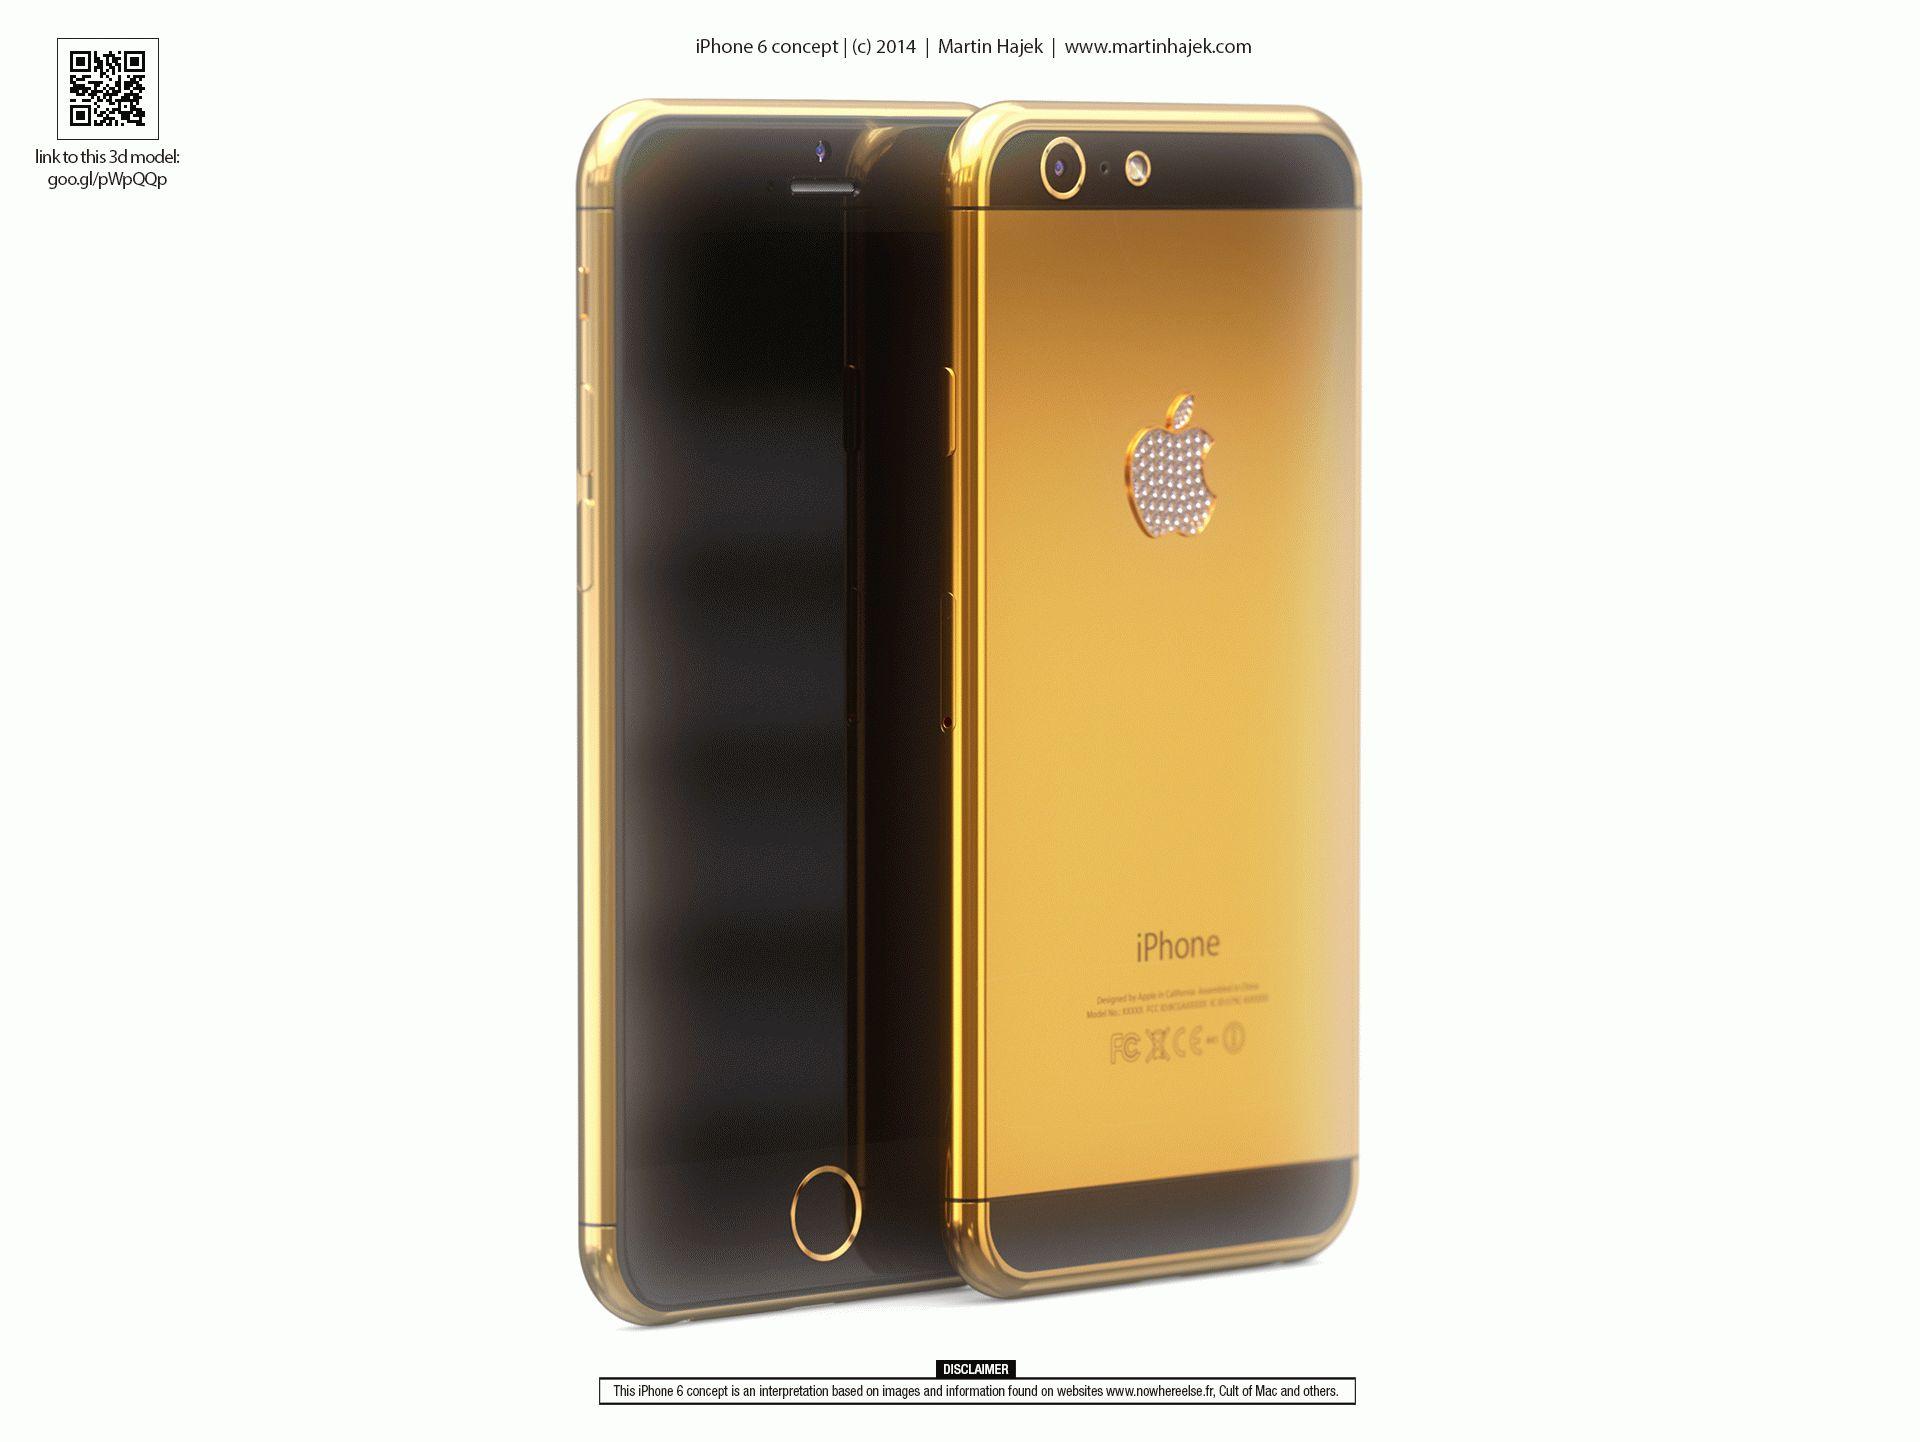 dizayner-predstavil-zolotuyu-versiyu-iphone-6-inkrustirovannuyu-dragotsennyimi-kamnyami-------